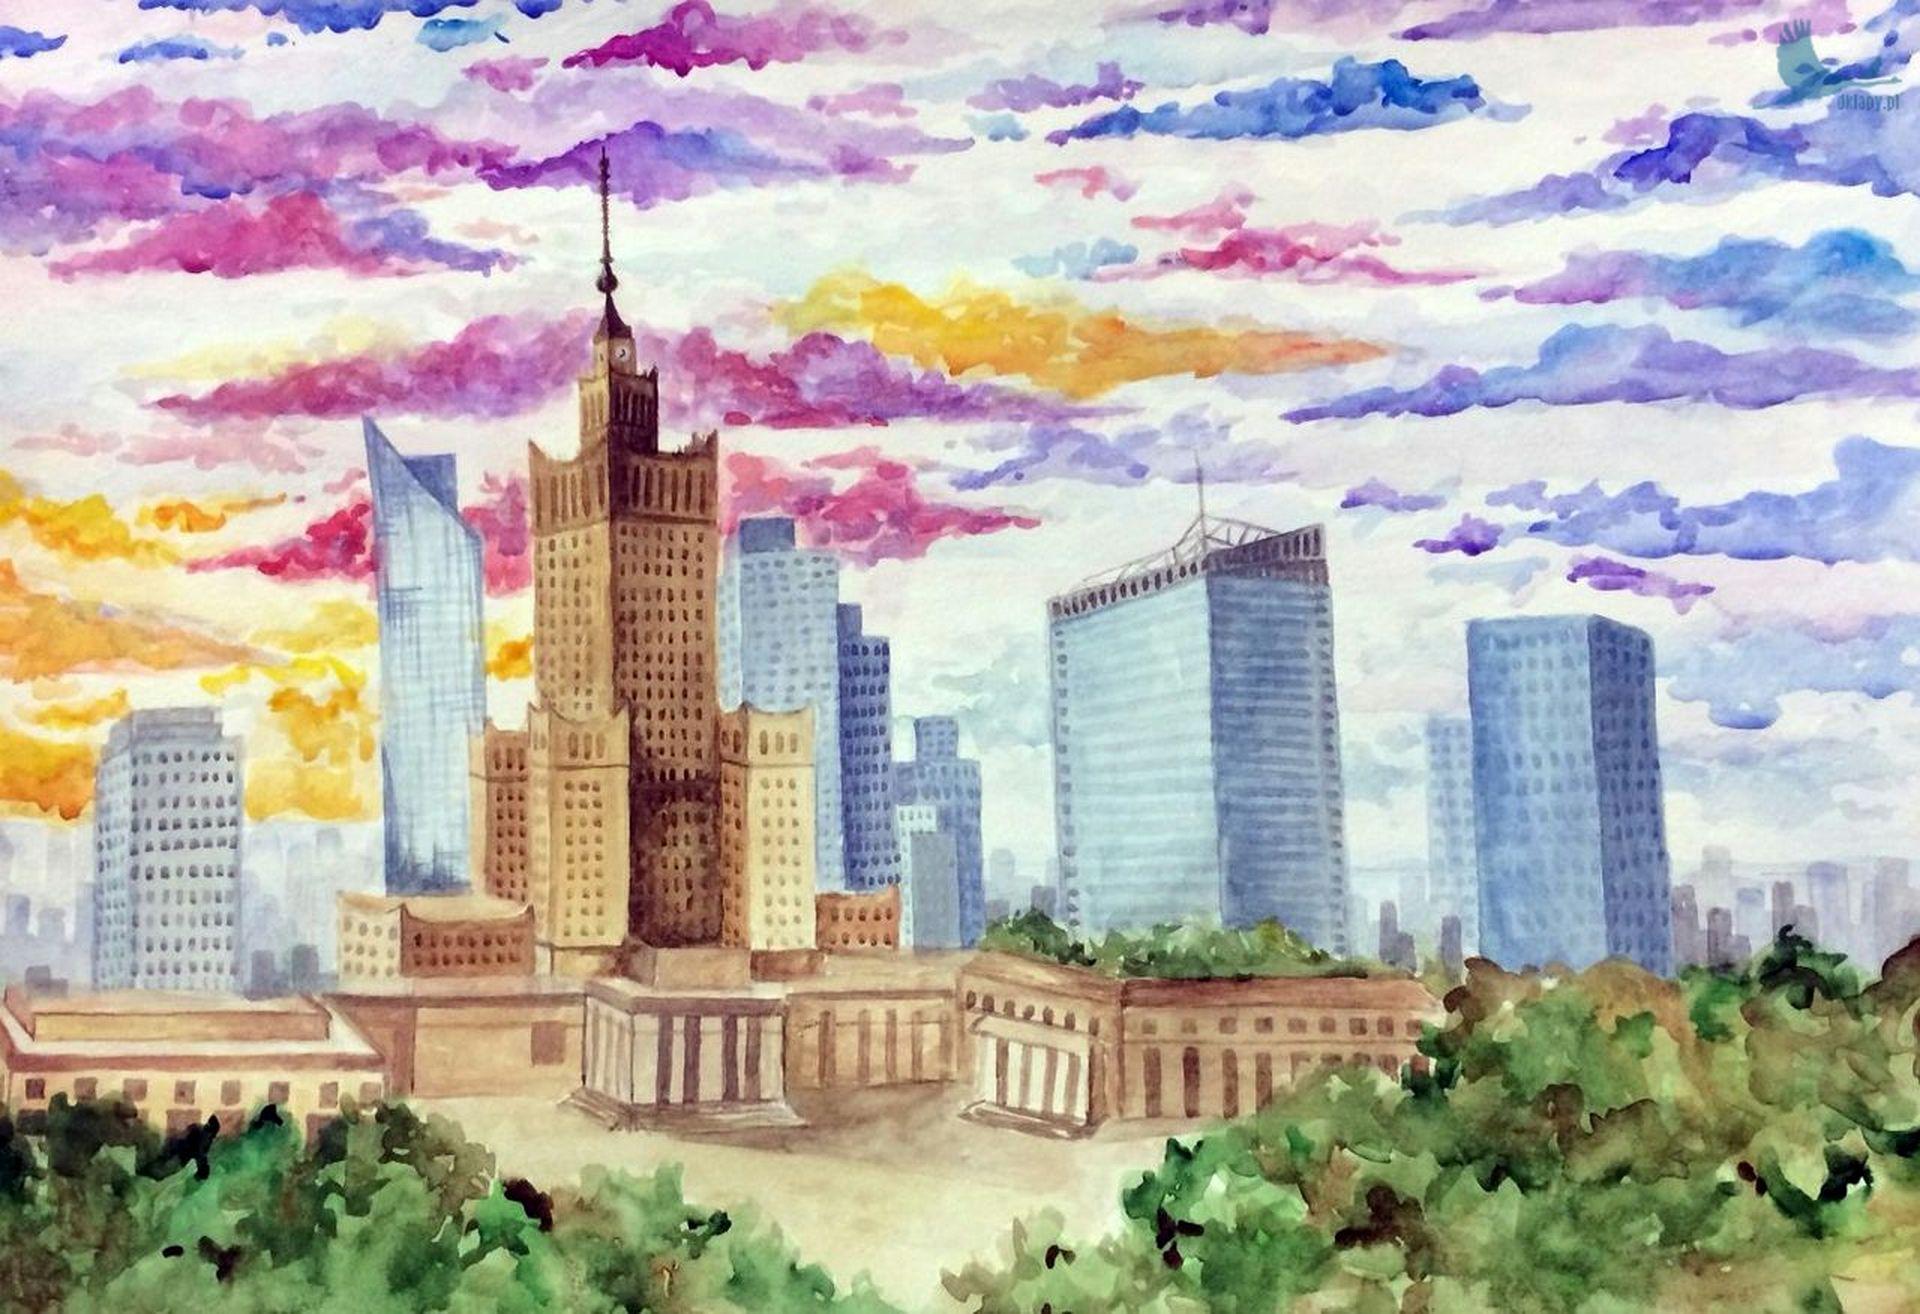 XXXIV Ogólnopolski Konkurs Plastyczny Warszawa moja stolica 2020